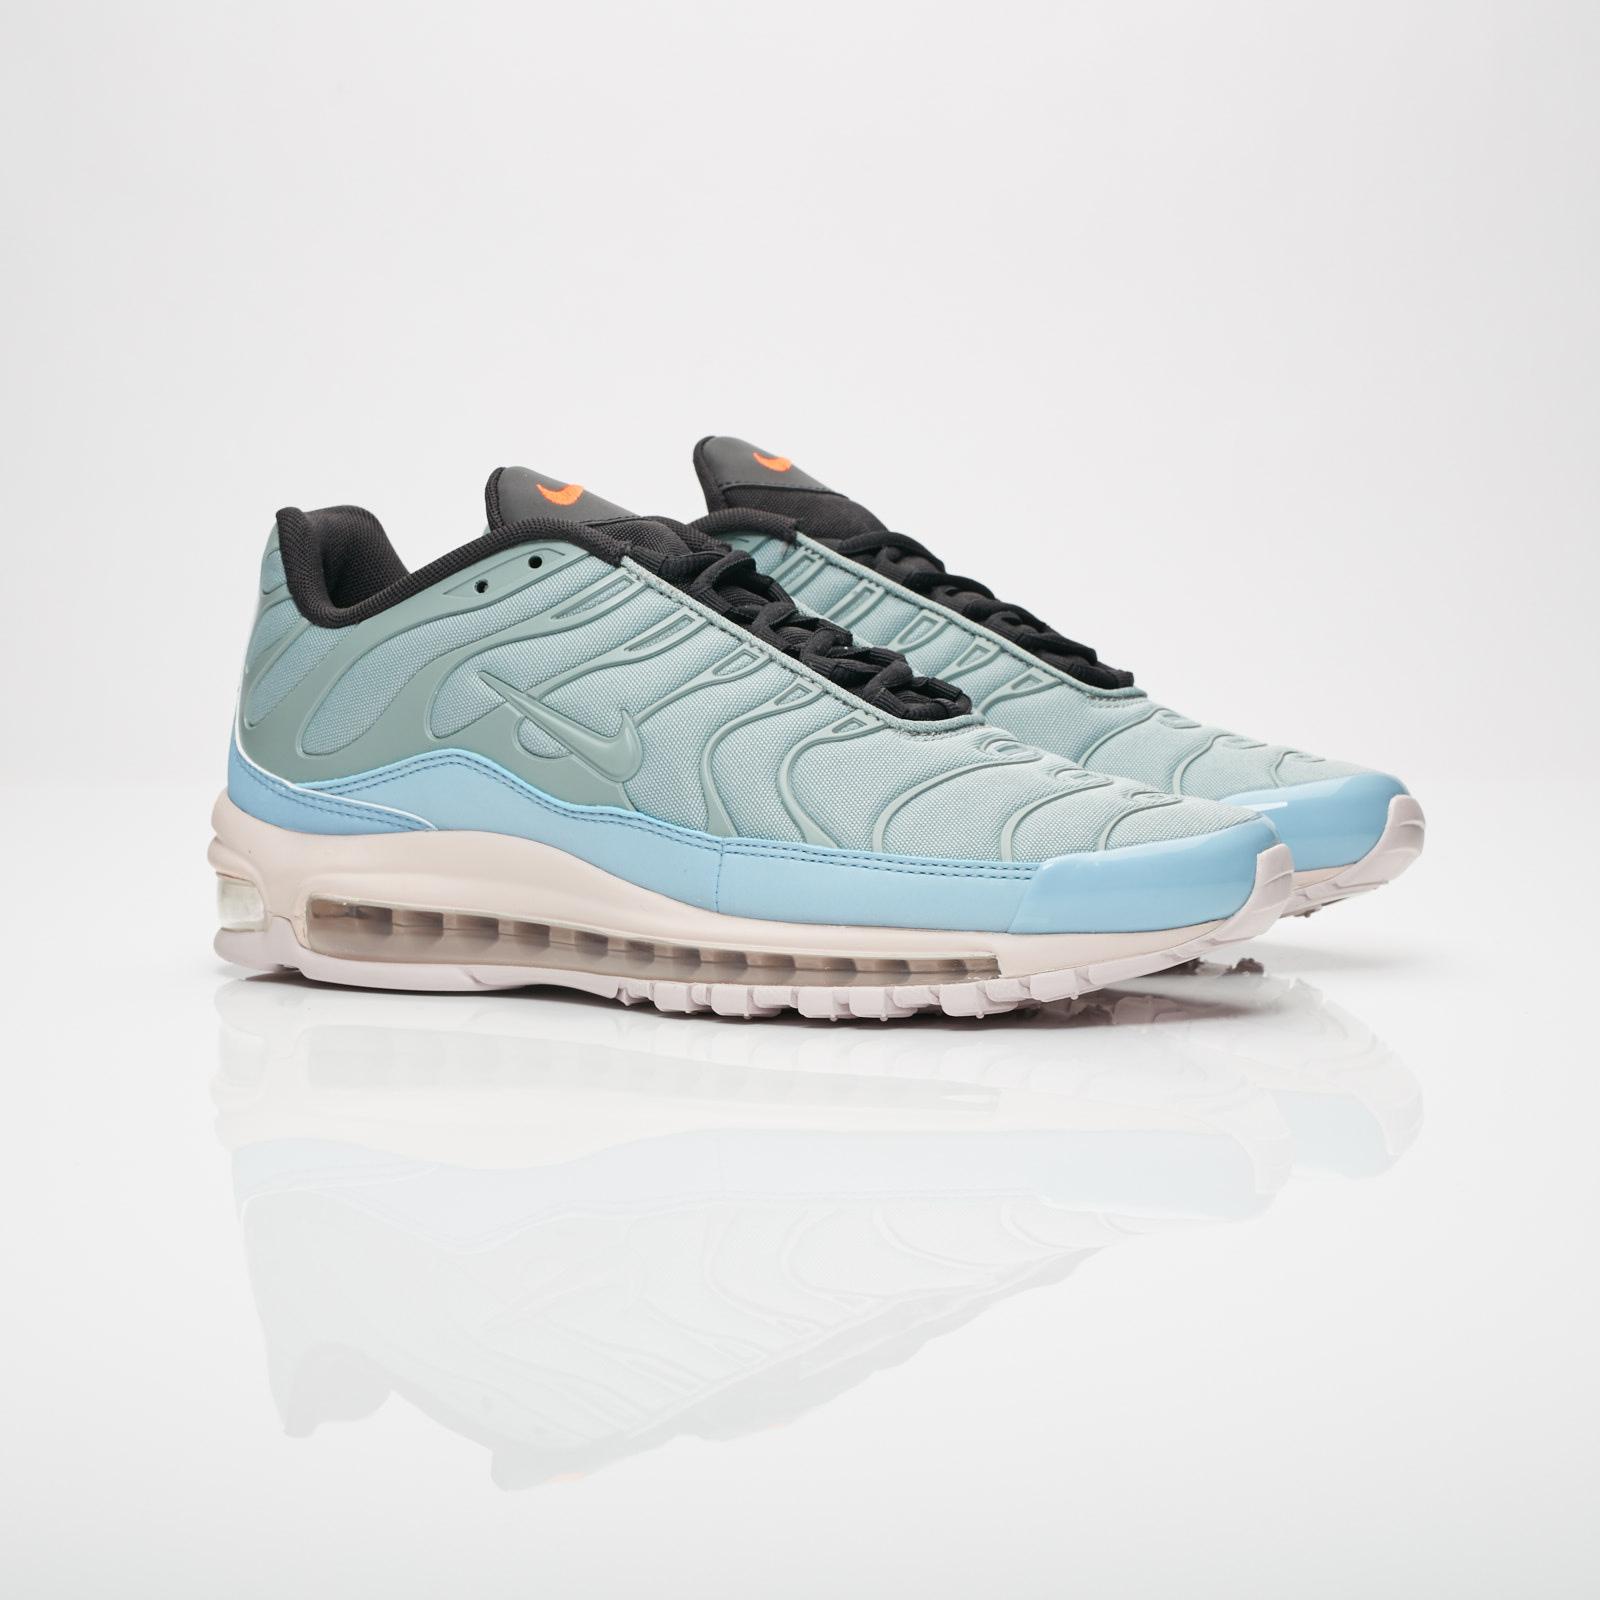 buy popular 3f3cc 998e8 Nike Air Max 97 / Plus - Ah8144-300 - Sneakersnstuff I Sneakers ...